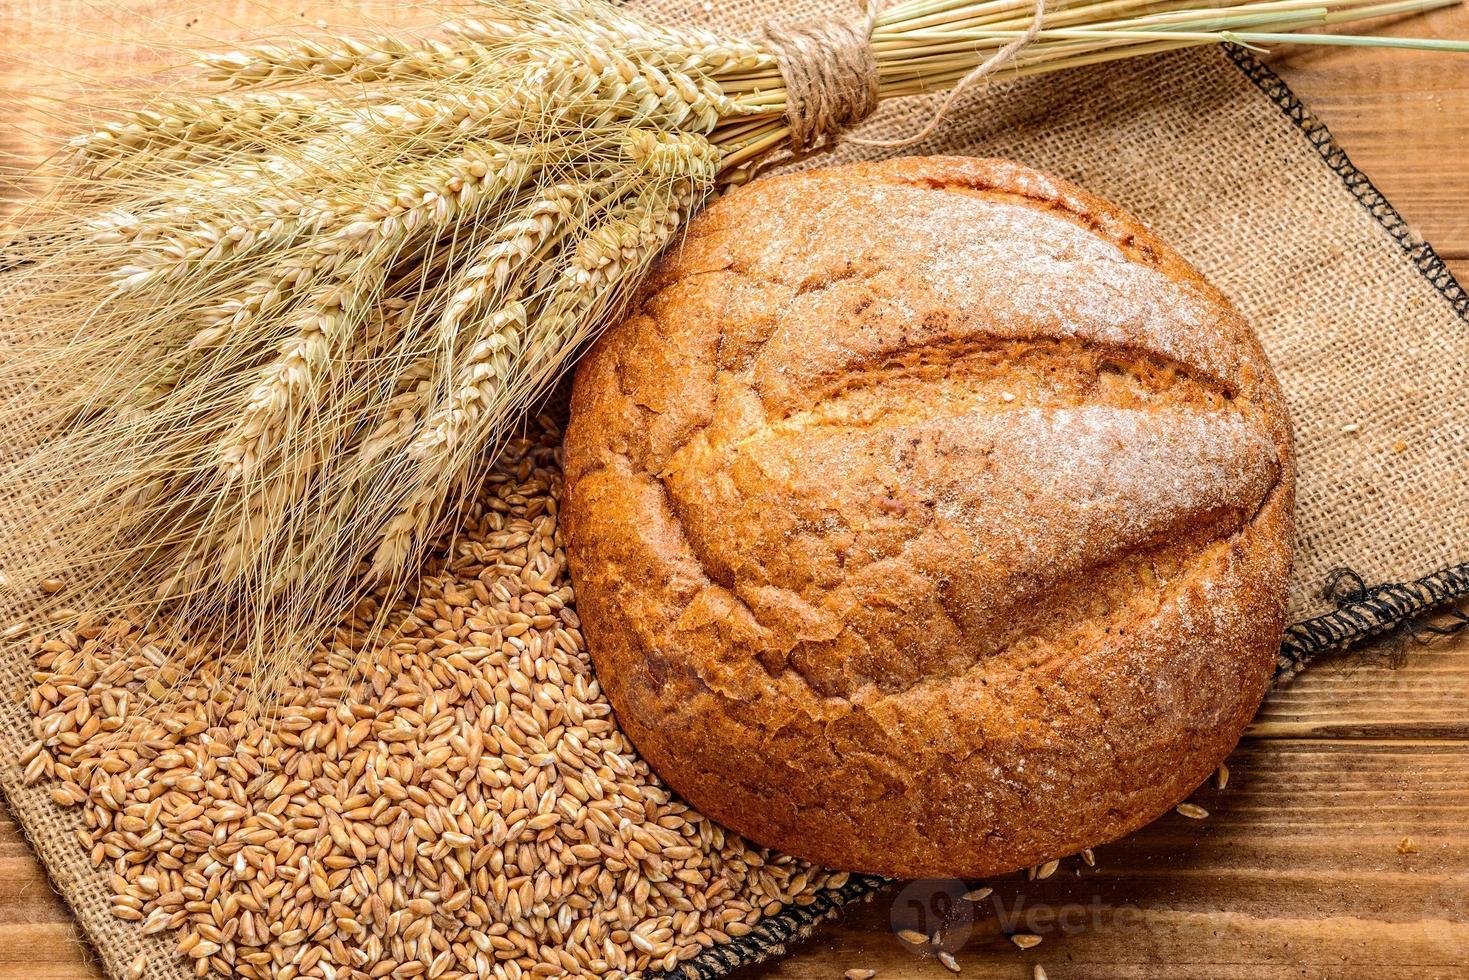 The bread photo